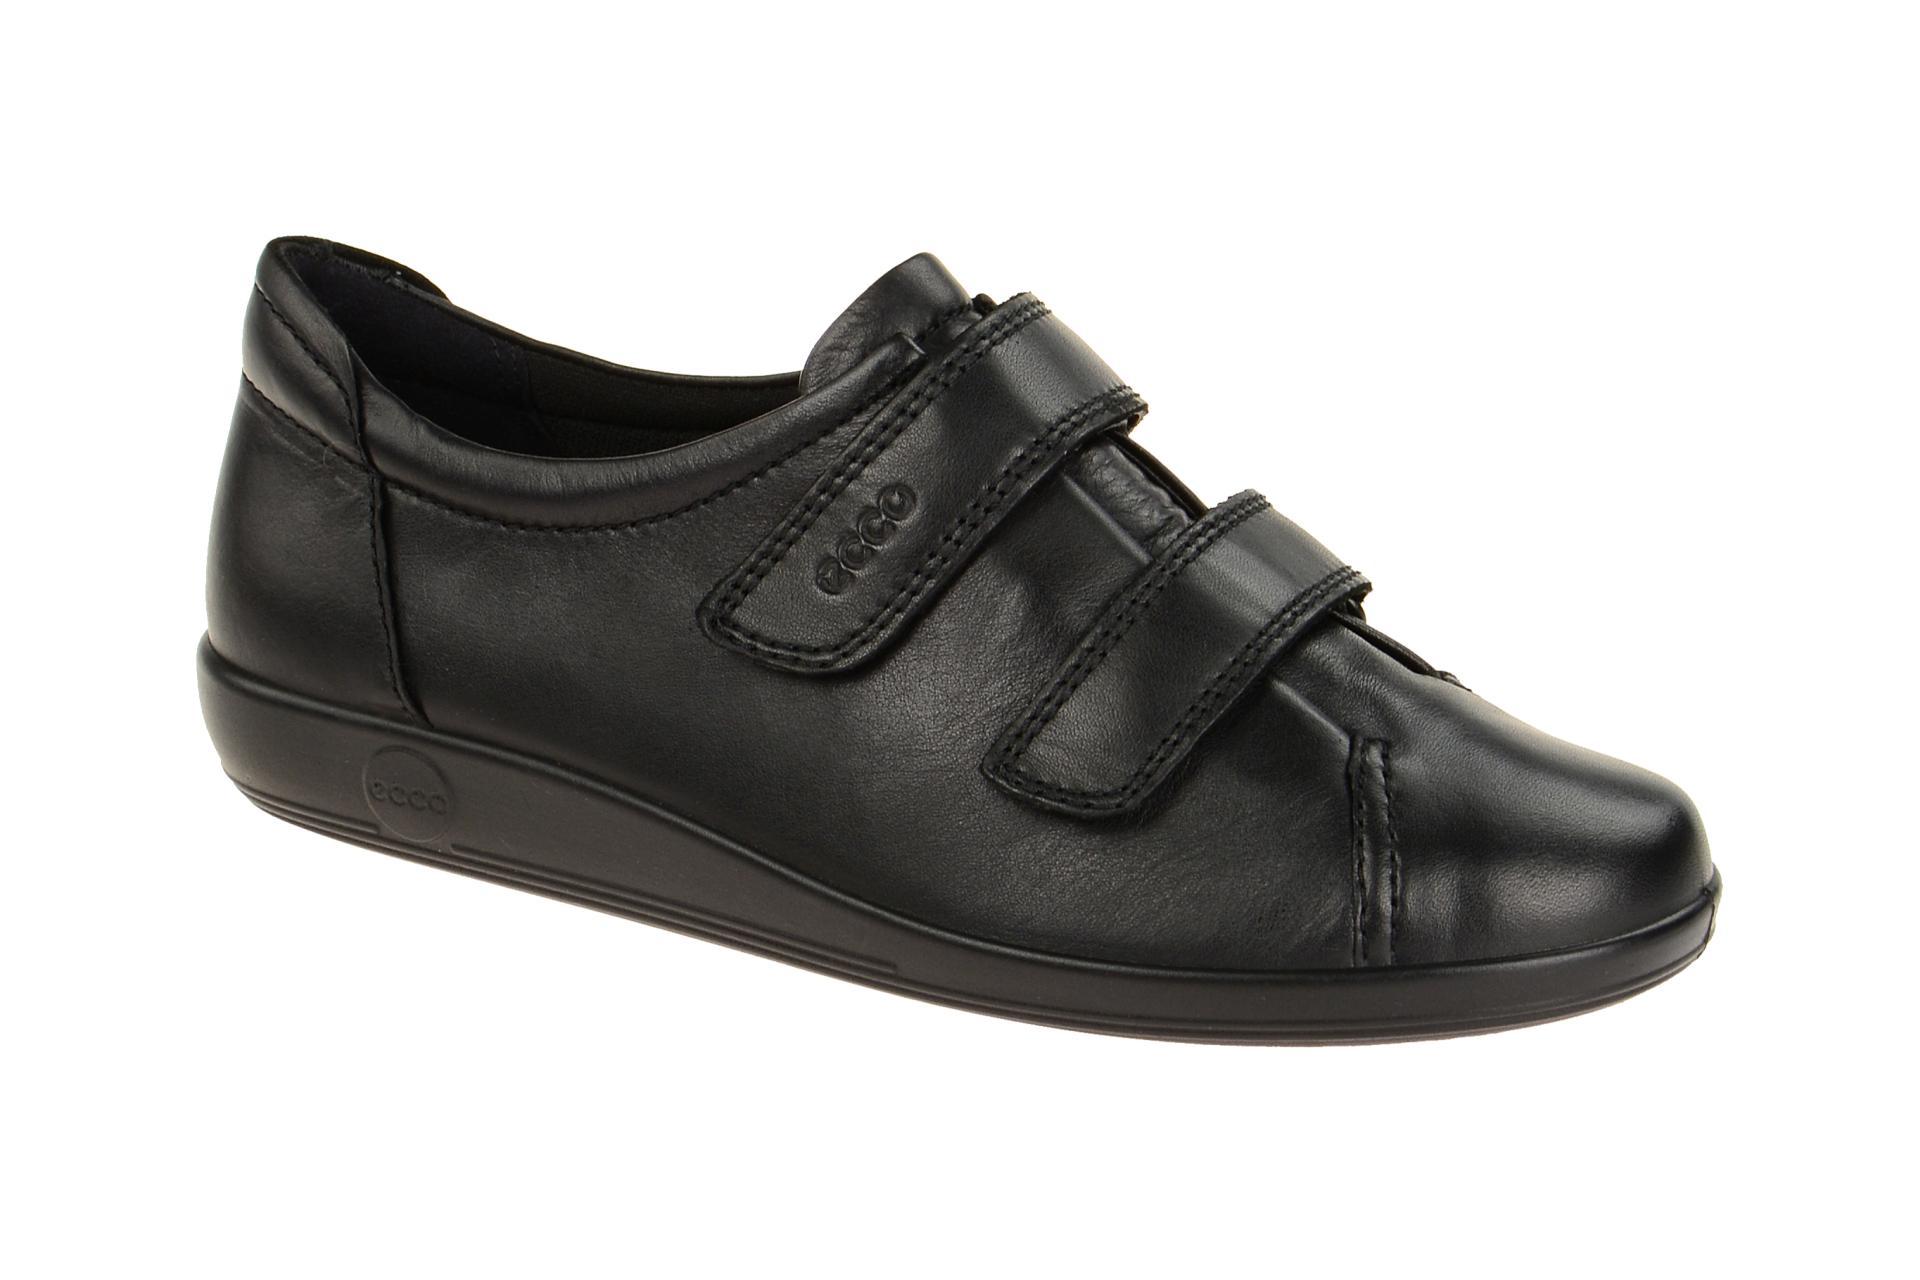 Ecco Soft 2 Schuhe schwarz schwarz Schuhe Klett Schuhhaus Strauch Shop 390f7a